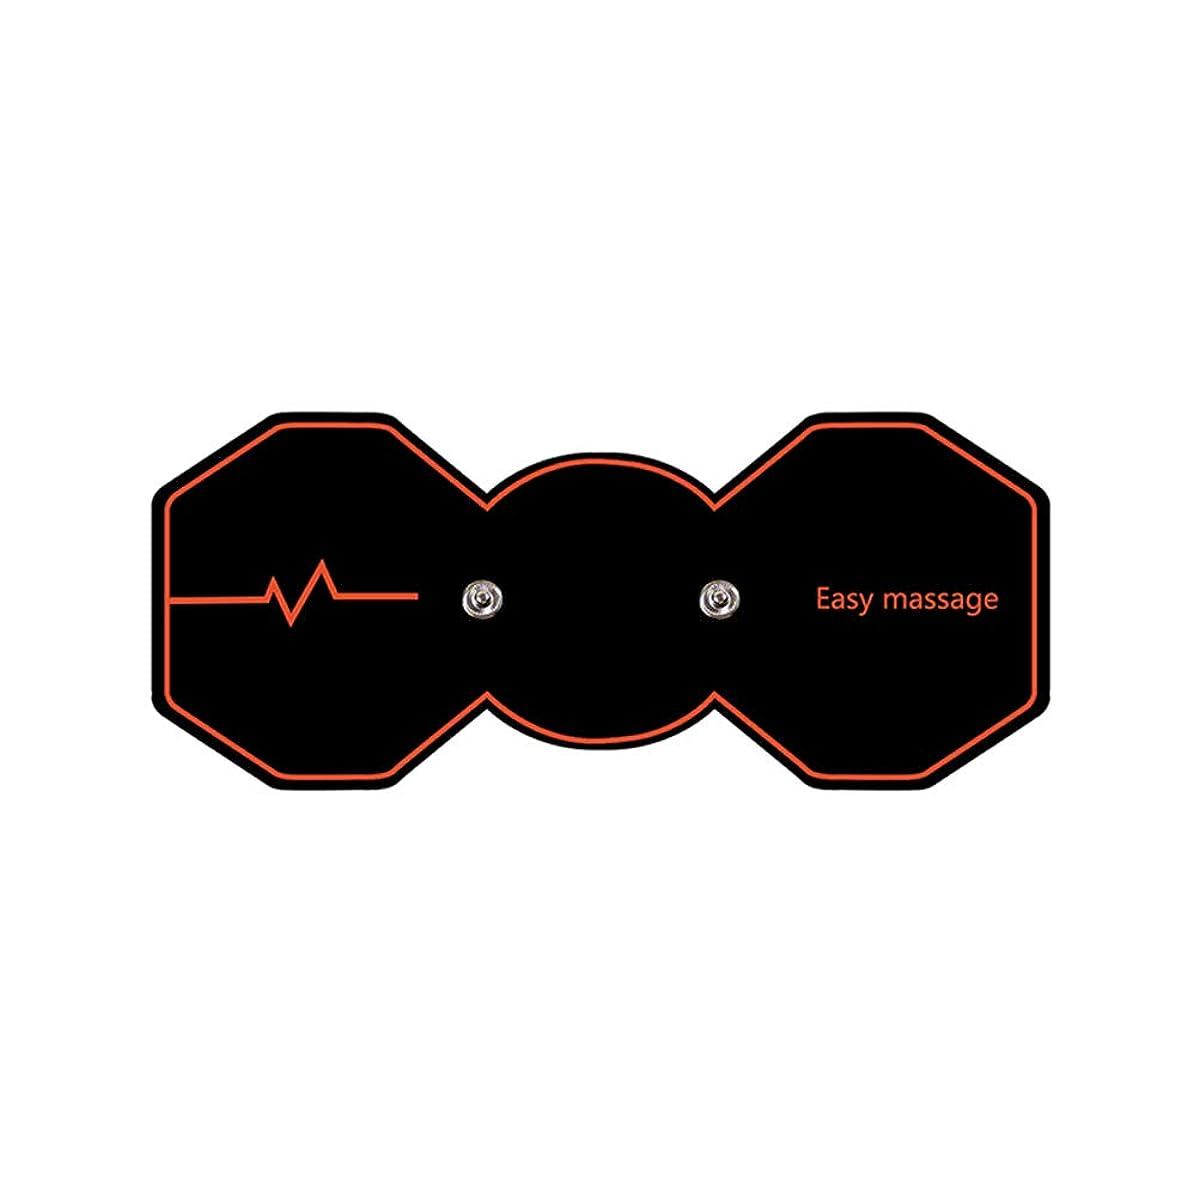 ホスト数学流用するHealifty 電気マッサージパッド電気痩身パッドボディ痩身筋肉マッサージャー(ブラック)